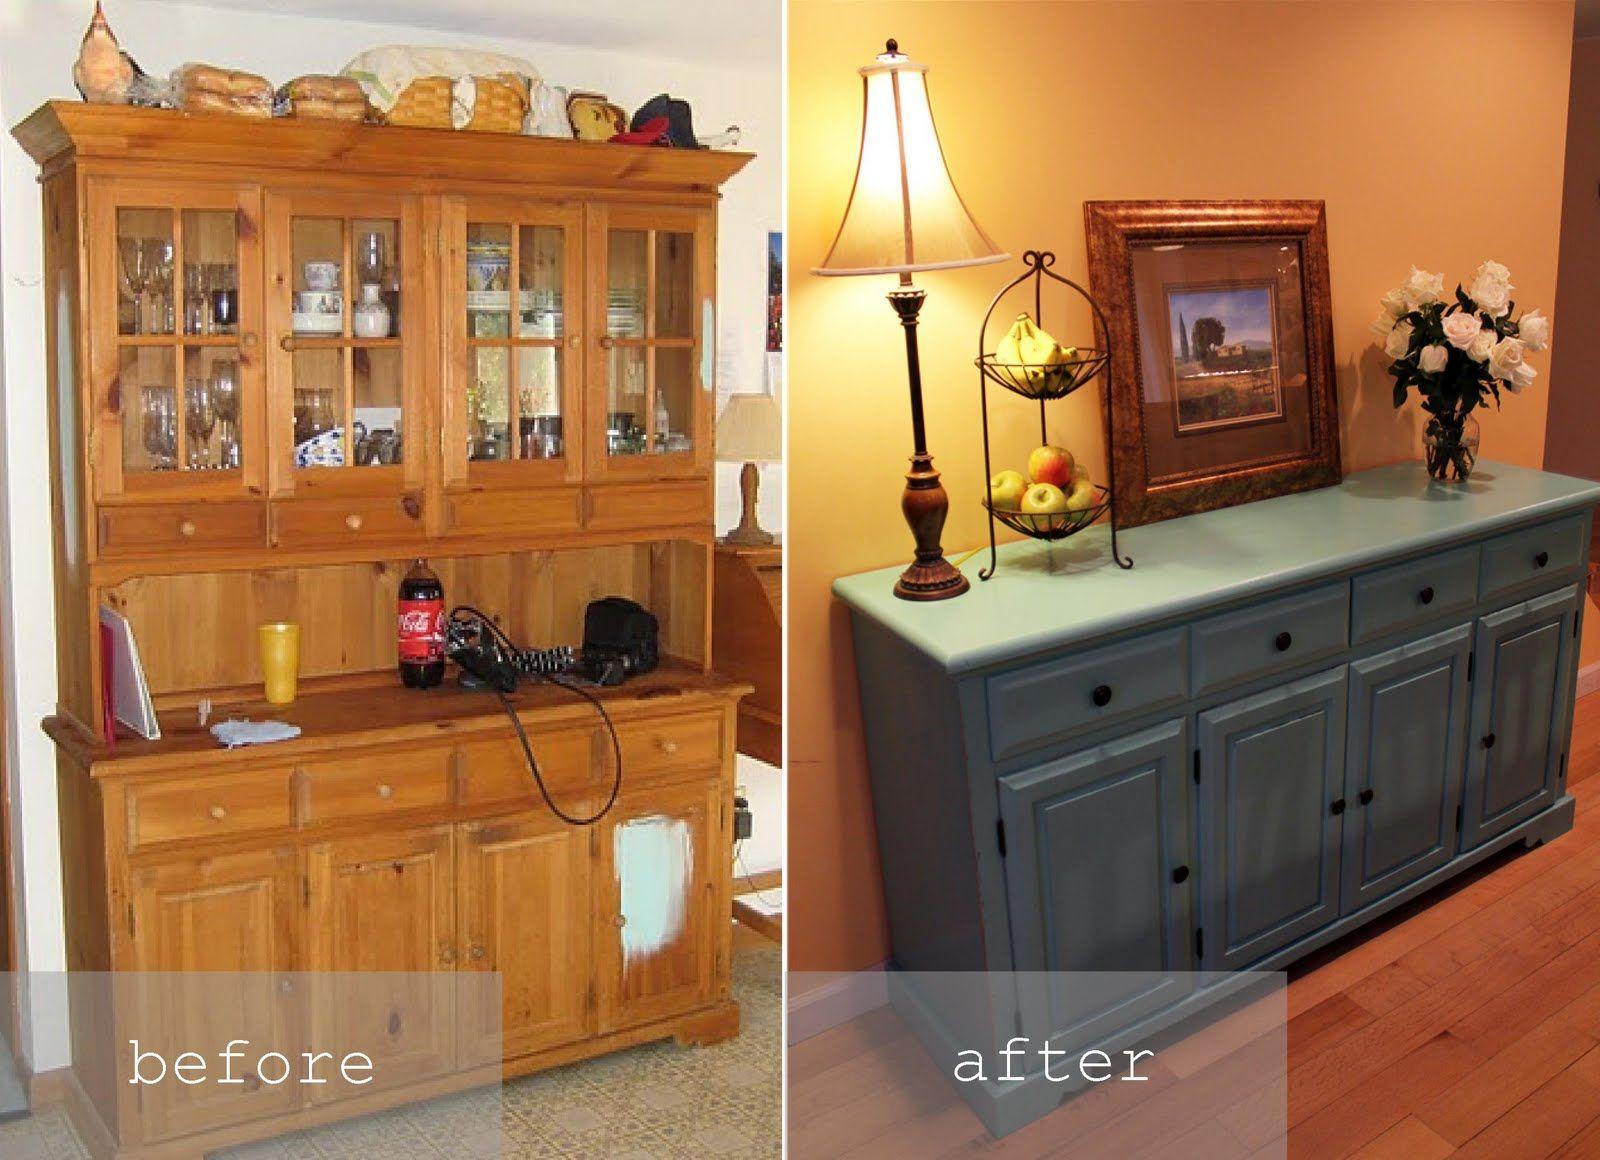 die besten 25 renoviert spiegel ideen auf pinterest kalkbemalte m bel restaurierte m bel und. Black Bedroom Furniture Sets. Home Design Ideas